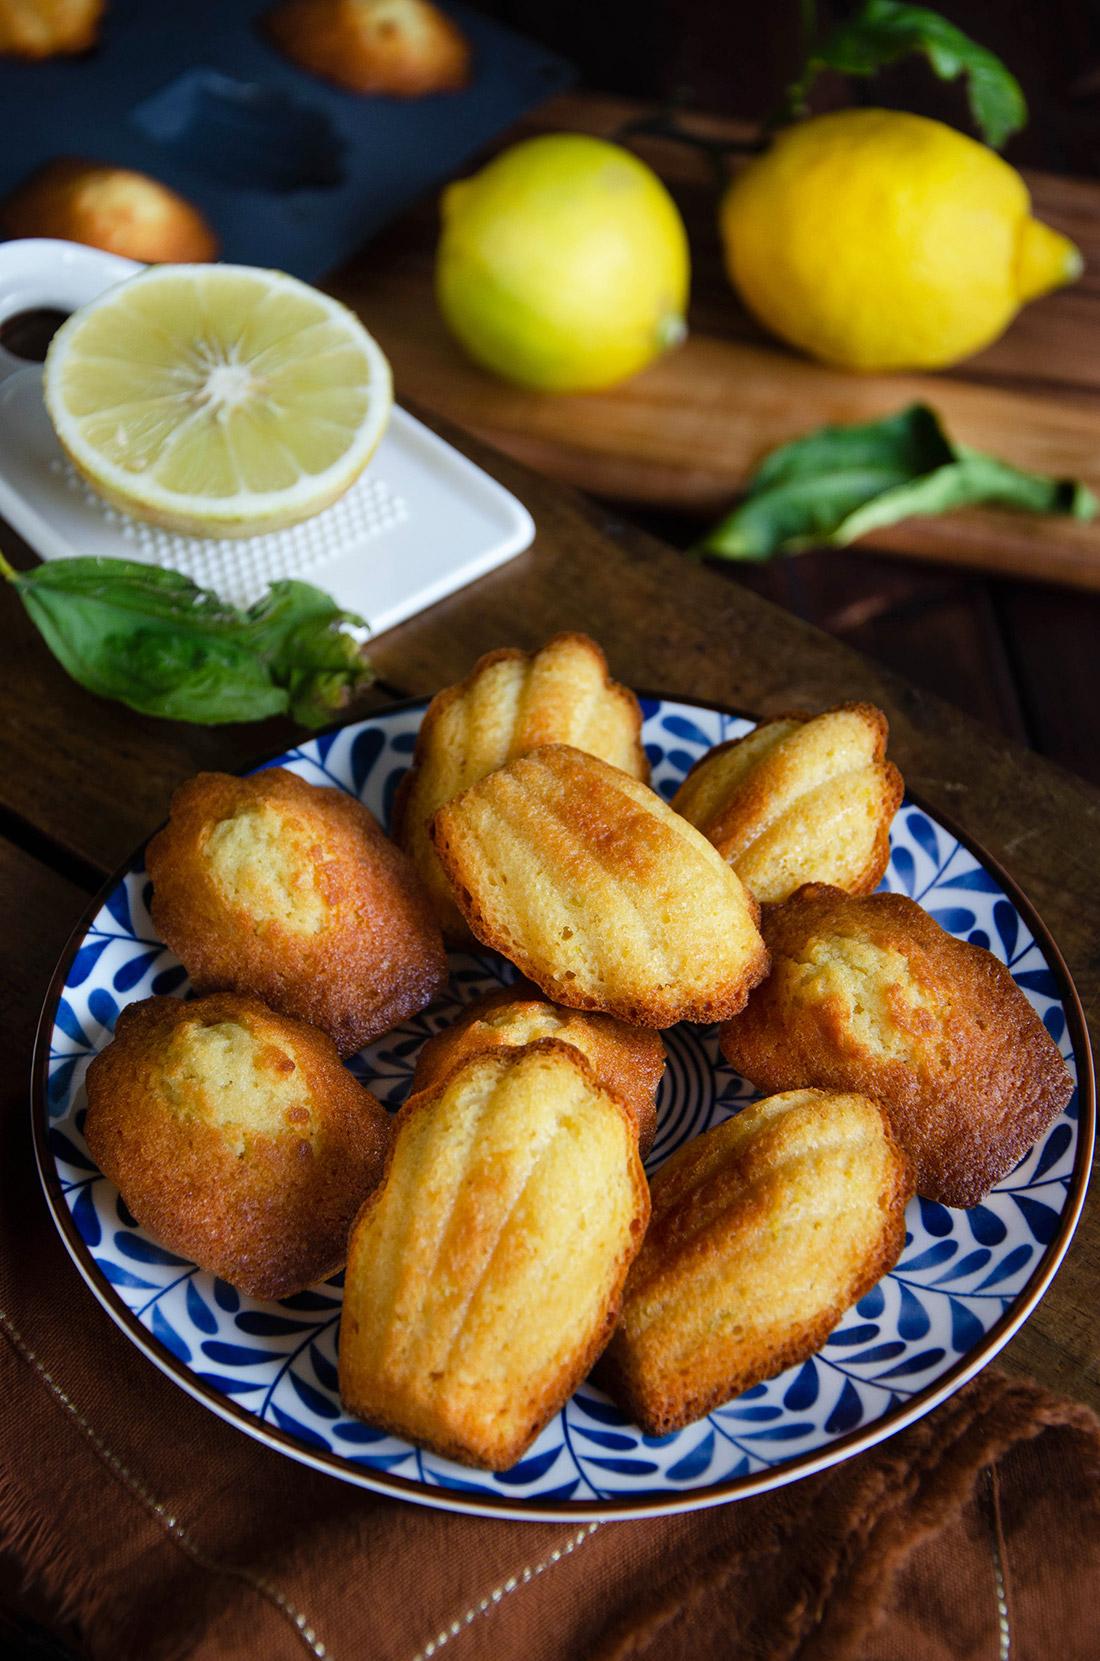 Recette de madeleines à la bergamote riche en saveurs